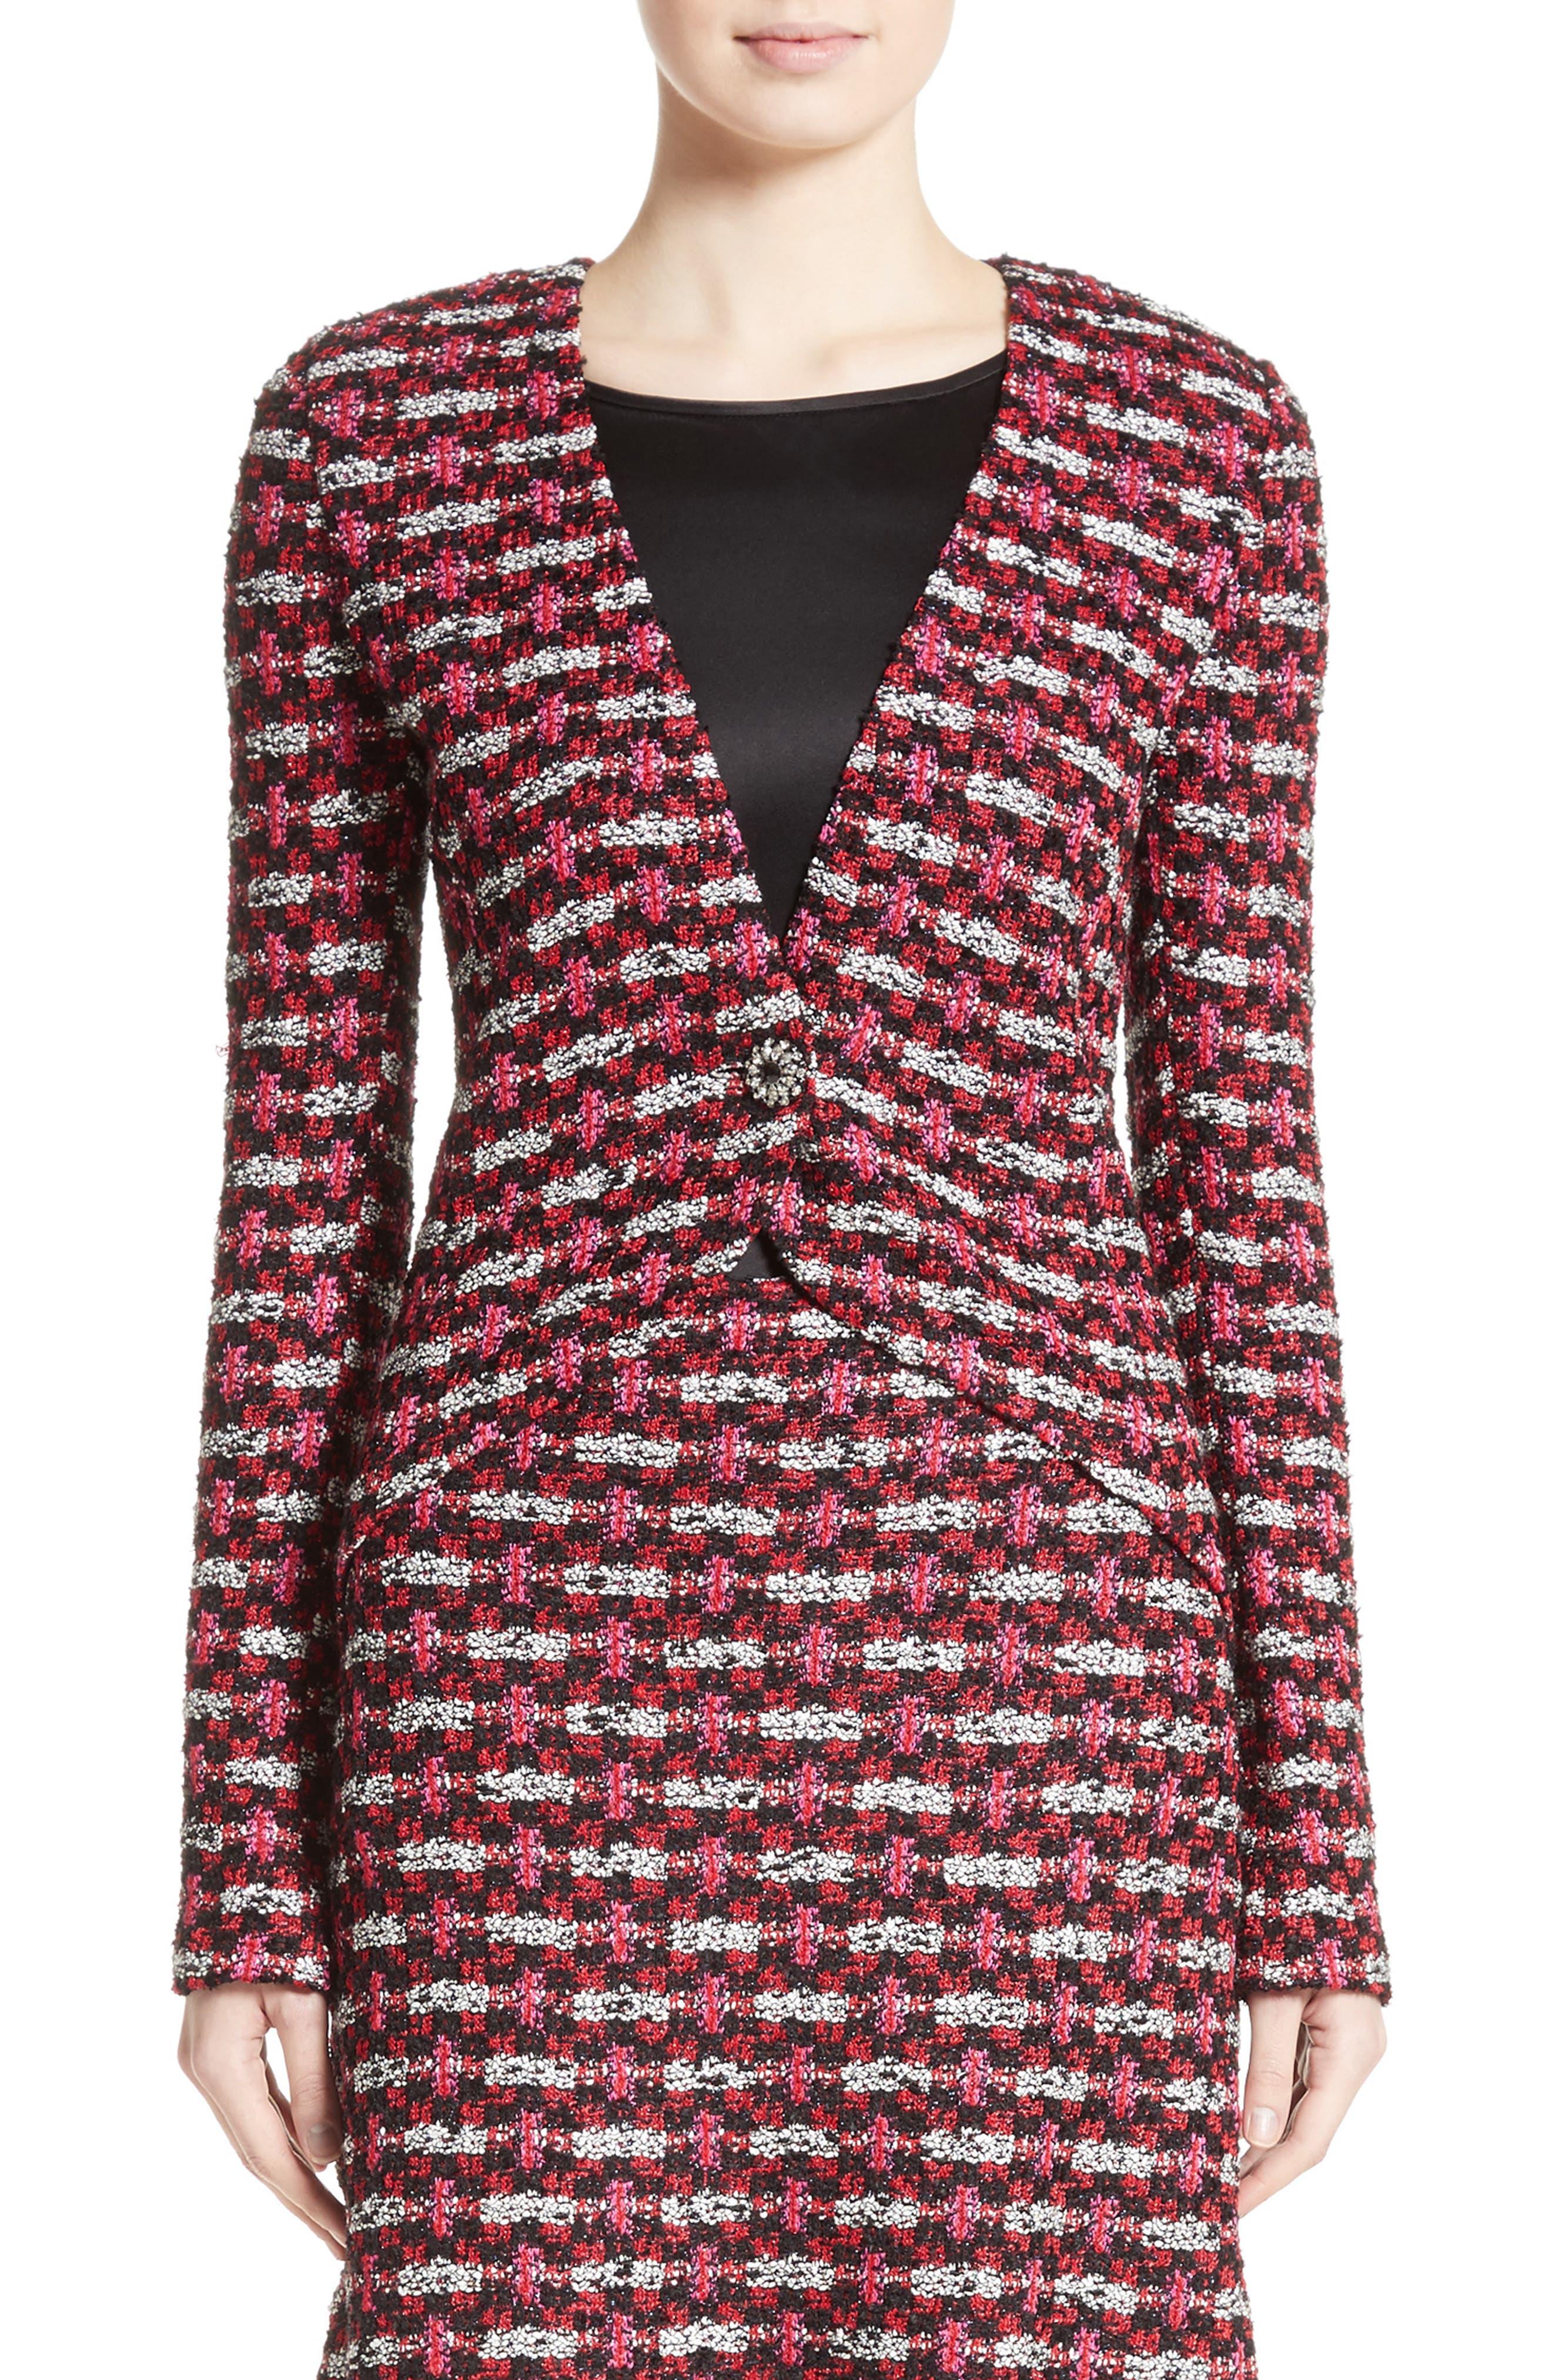 Hiran Tweed Knit Jacket,                             Main thumbnail 1, color,                             Scarlet Multi